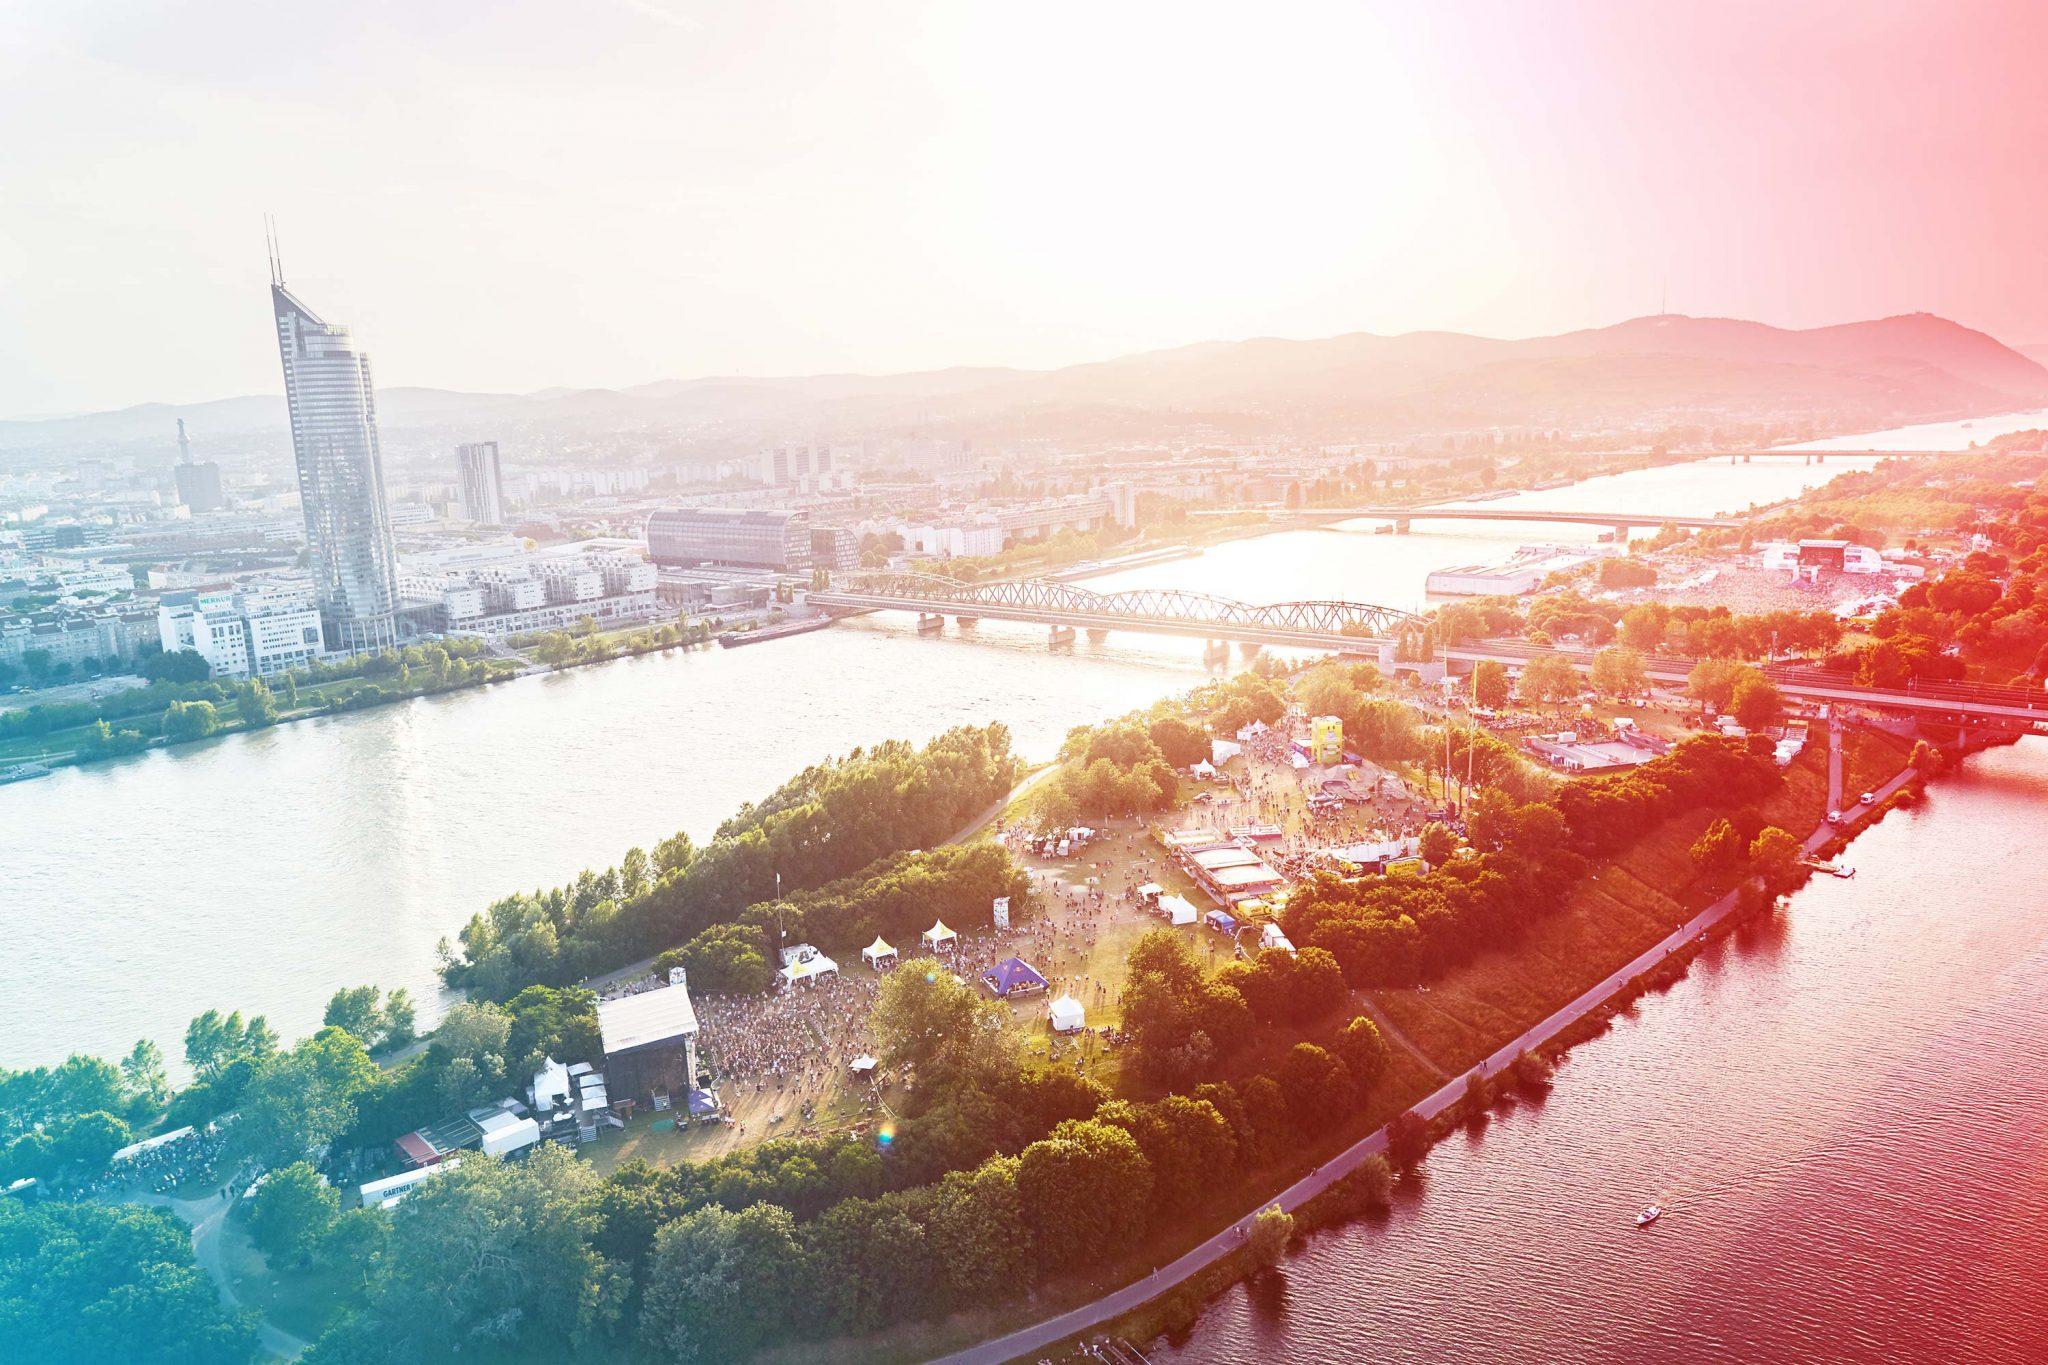 Die Donauinsel ist eine der vielen Grünflächen in Wien. Ein Grund, warum Wien laut Economist so lebenswert ist.